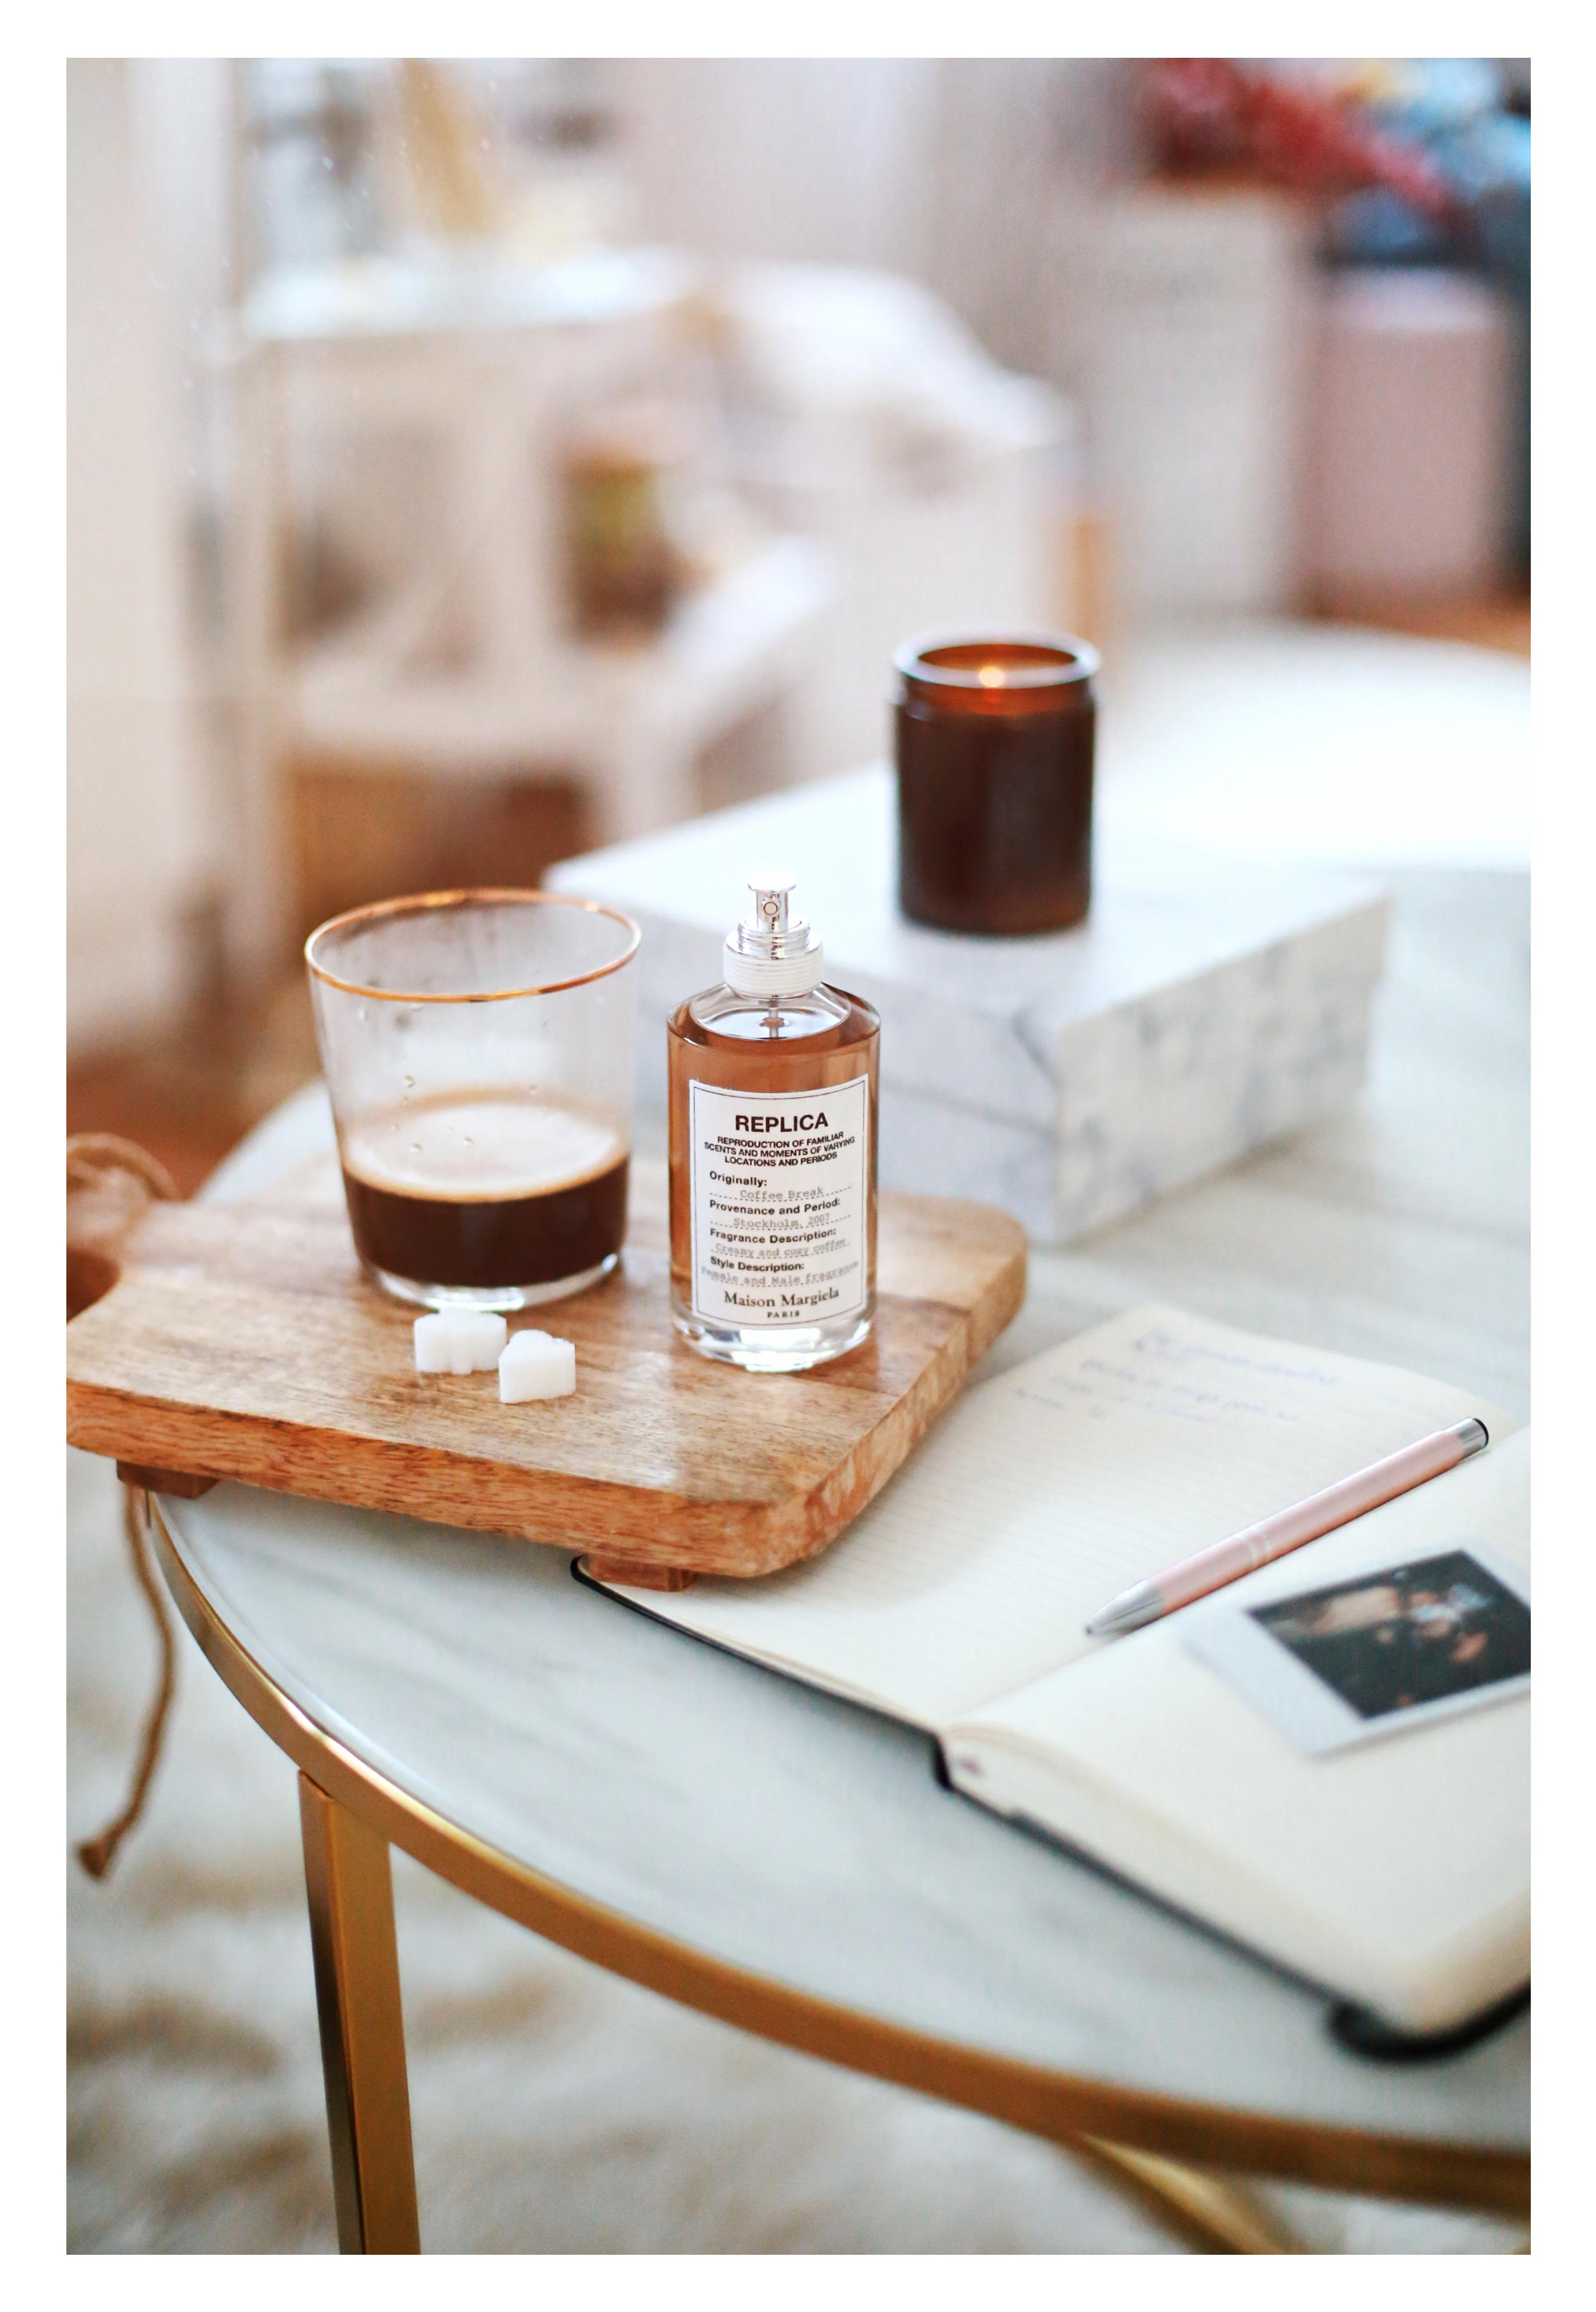 coffee break maison Margiela parfum